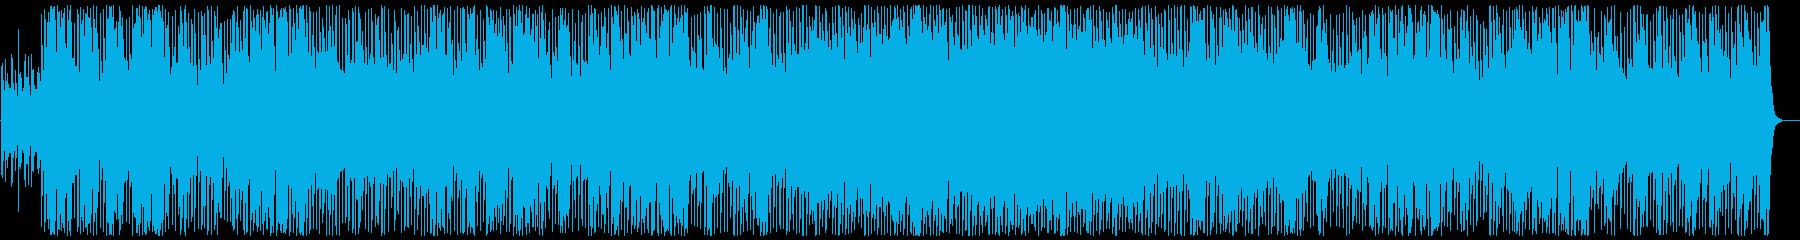 ポップロック、男性、女性ボーカル。...の再生済みの波形